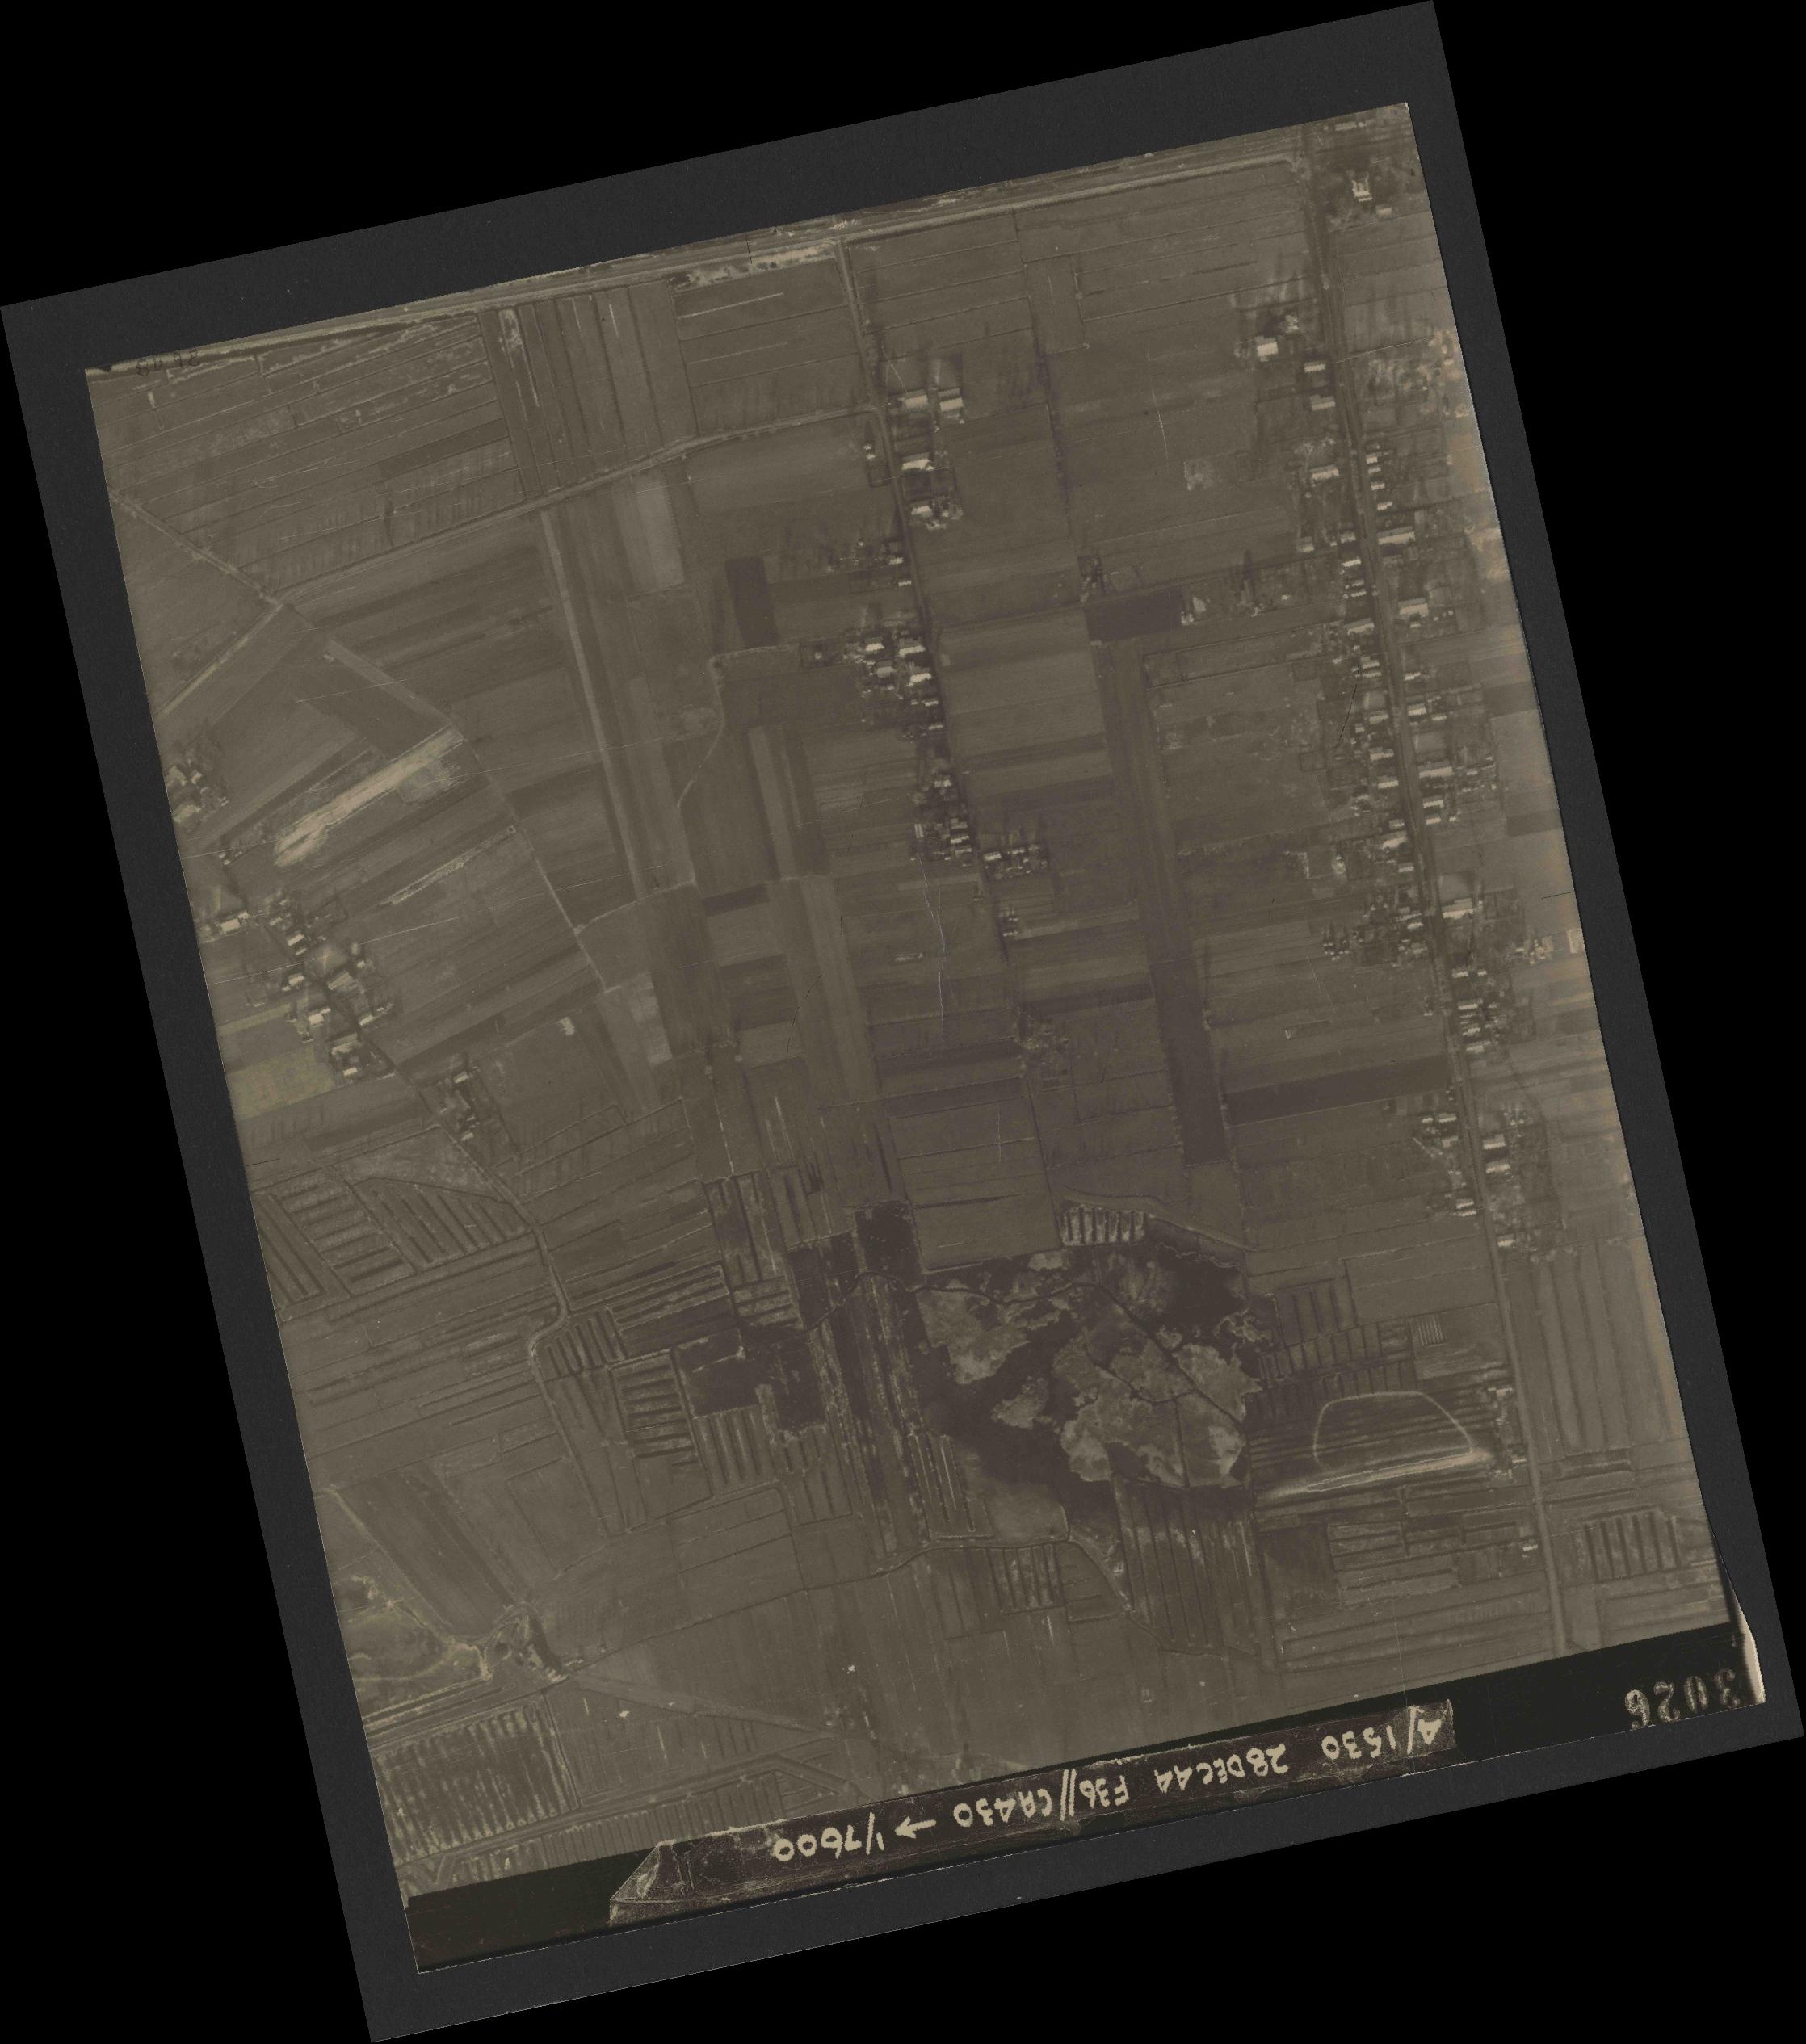 Collection RAF aerial photos 1940-1945 - flight 050, run 06, photo 3026